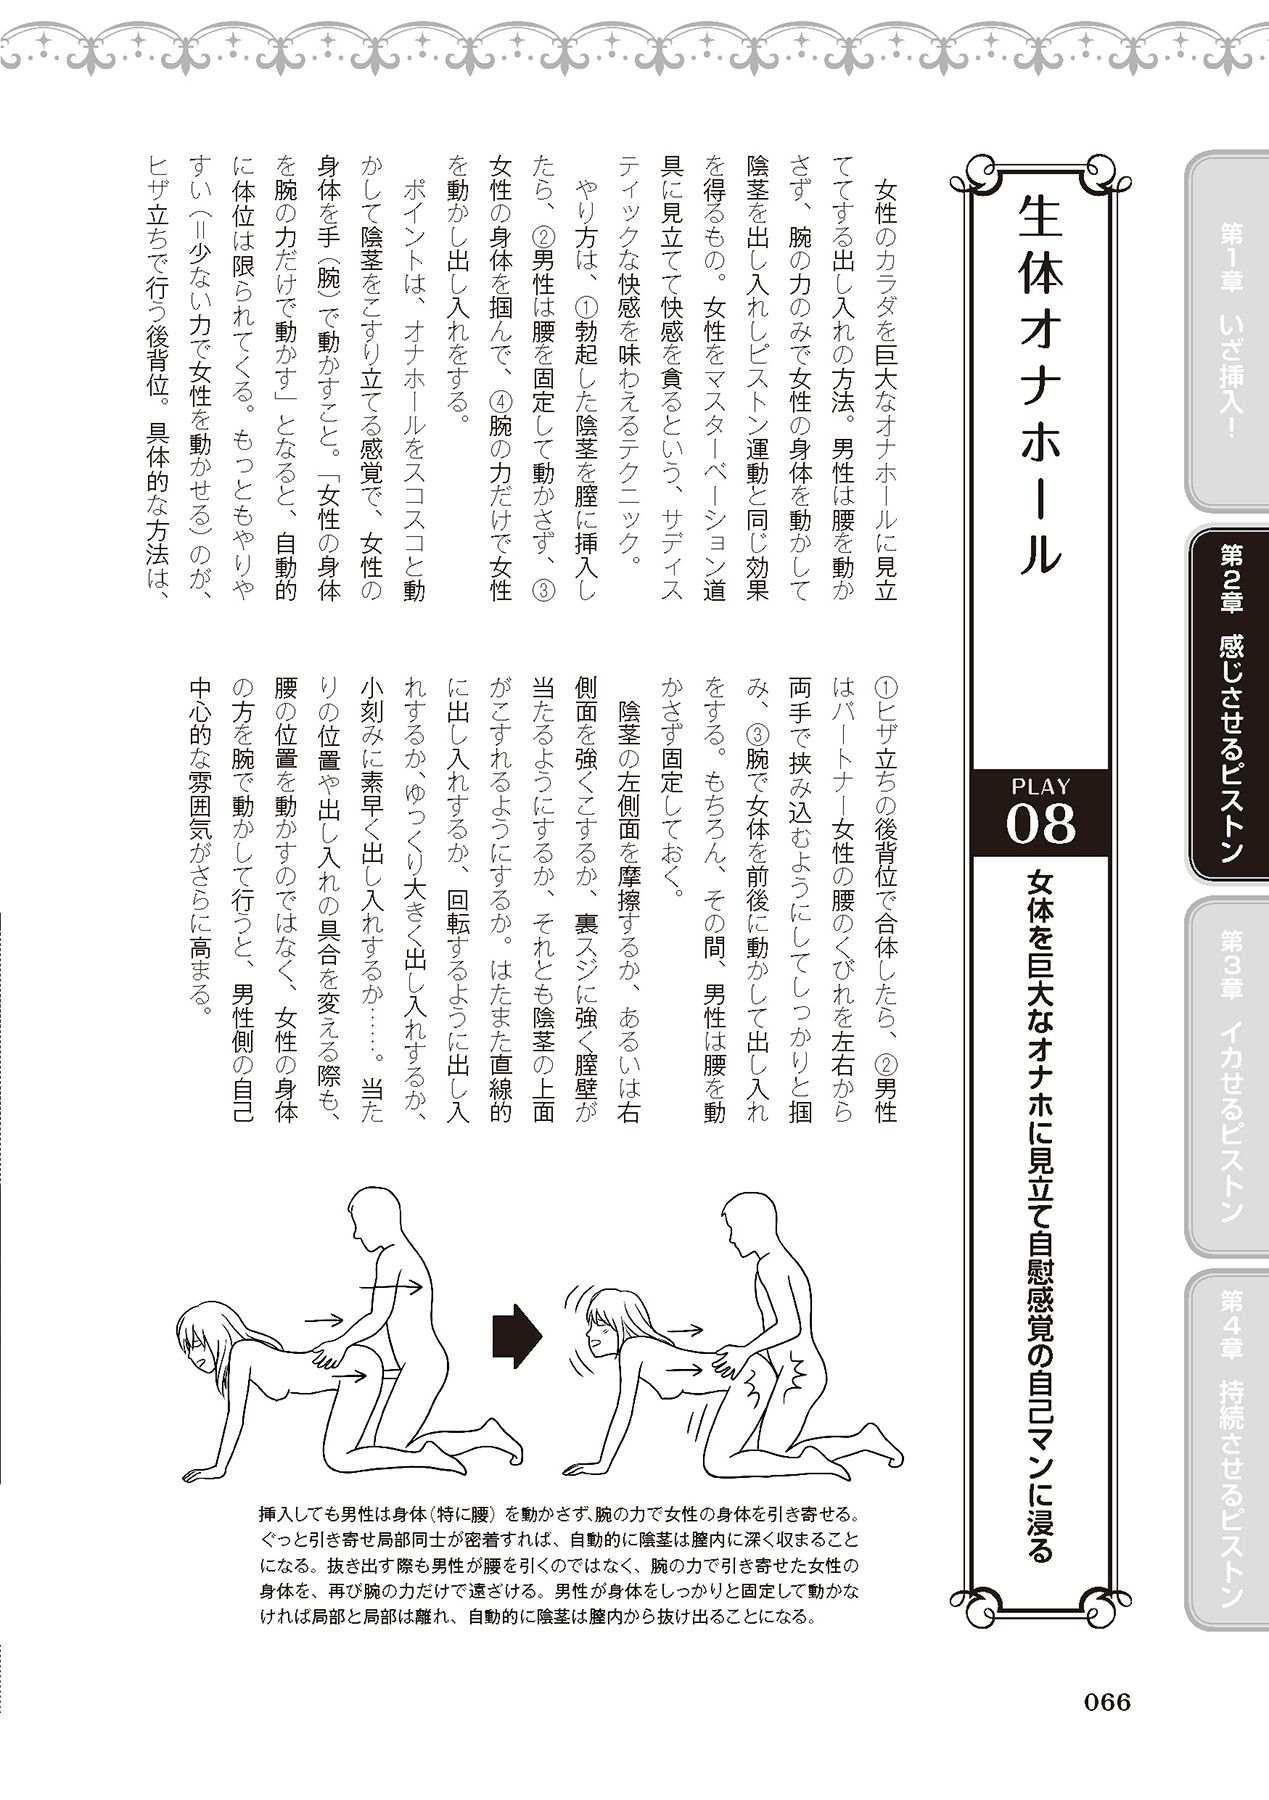 膣挿入&ピストン運動完全マニュアル イラスト版……ピスとんッ! 67